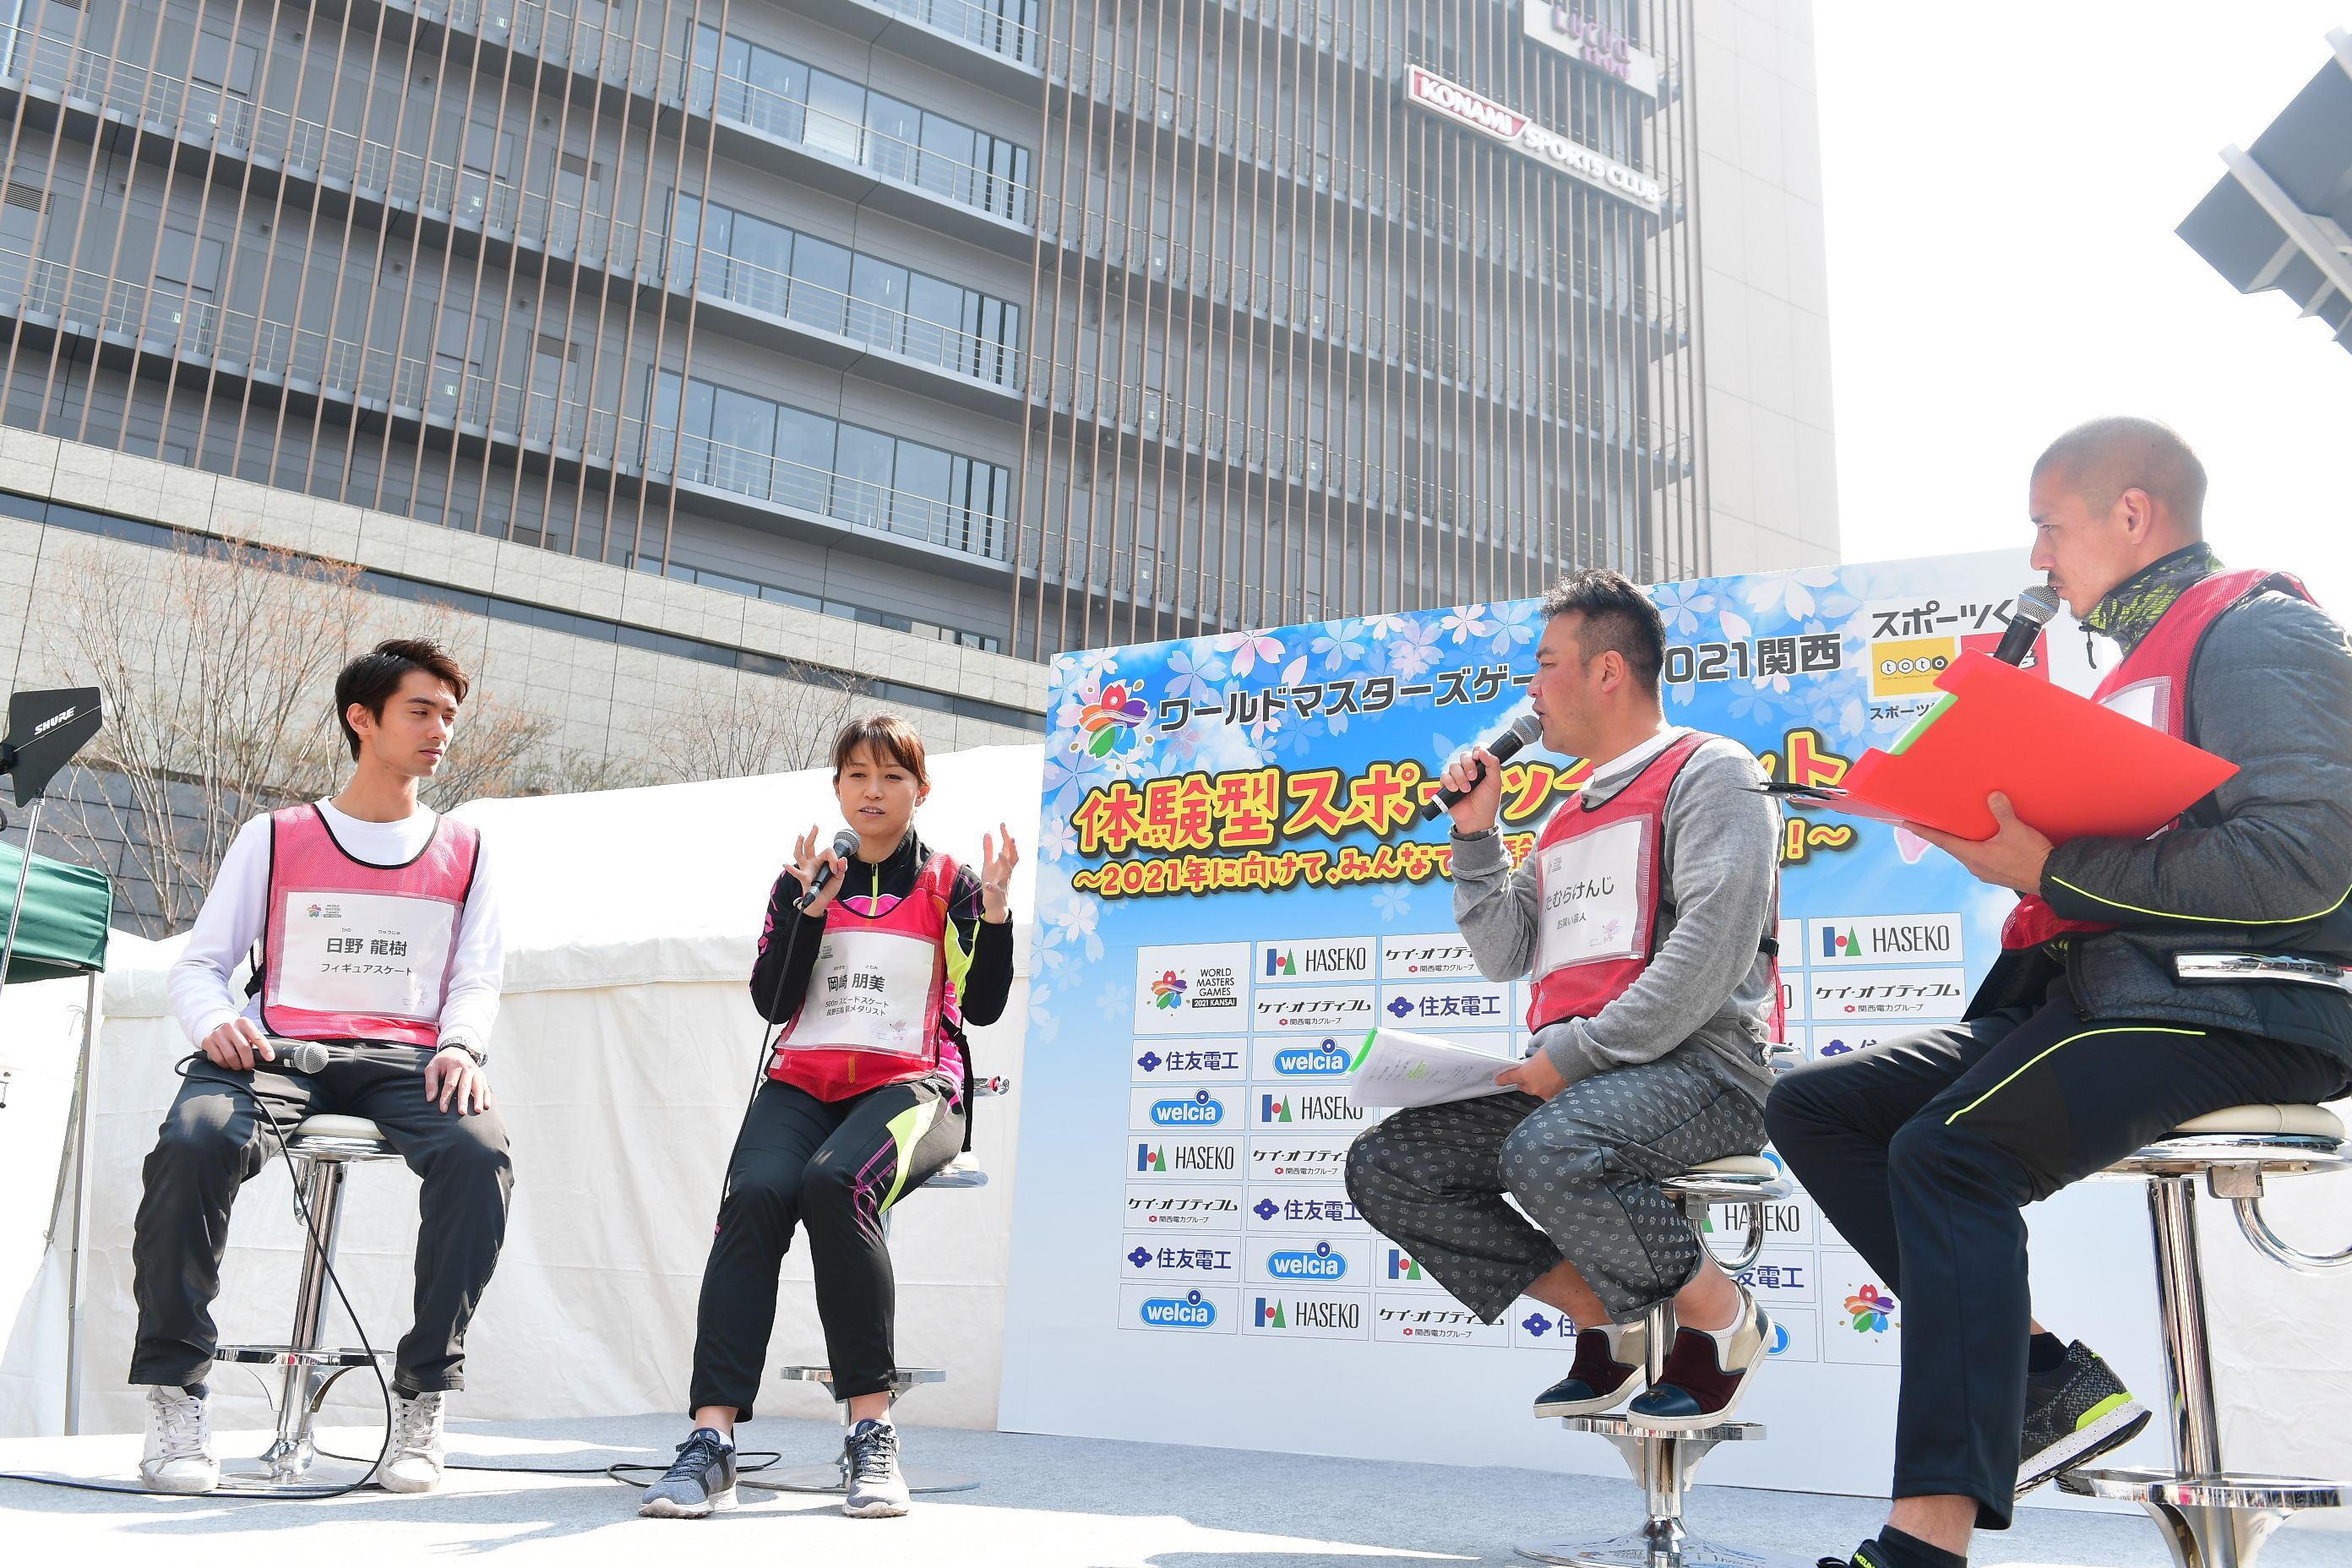 http://news.yoshimoto.co.jp/20180325181107-8abc864137fa756912ad8685d2cf1911489b59e3.jpg